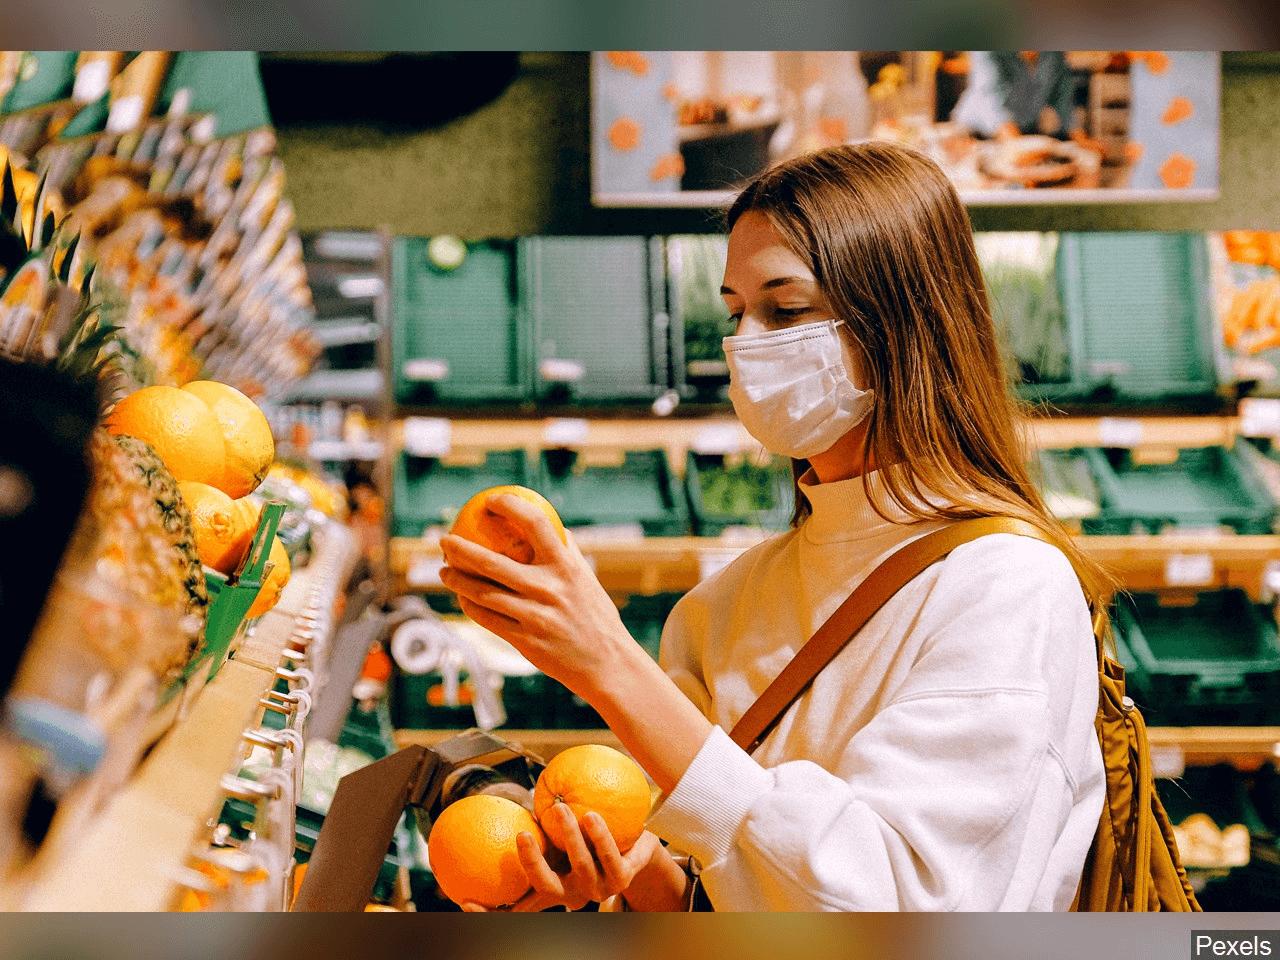 Tıbbi Malzeme ve Gıda Ürünleri Dış Ticaretinde Önemli Değişimler Yaşanıyor